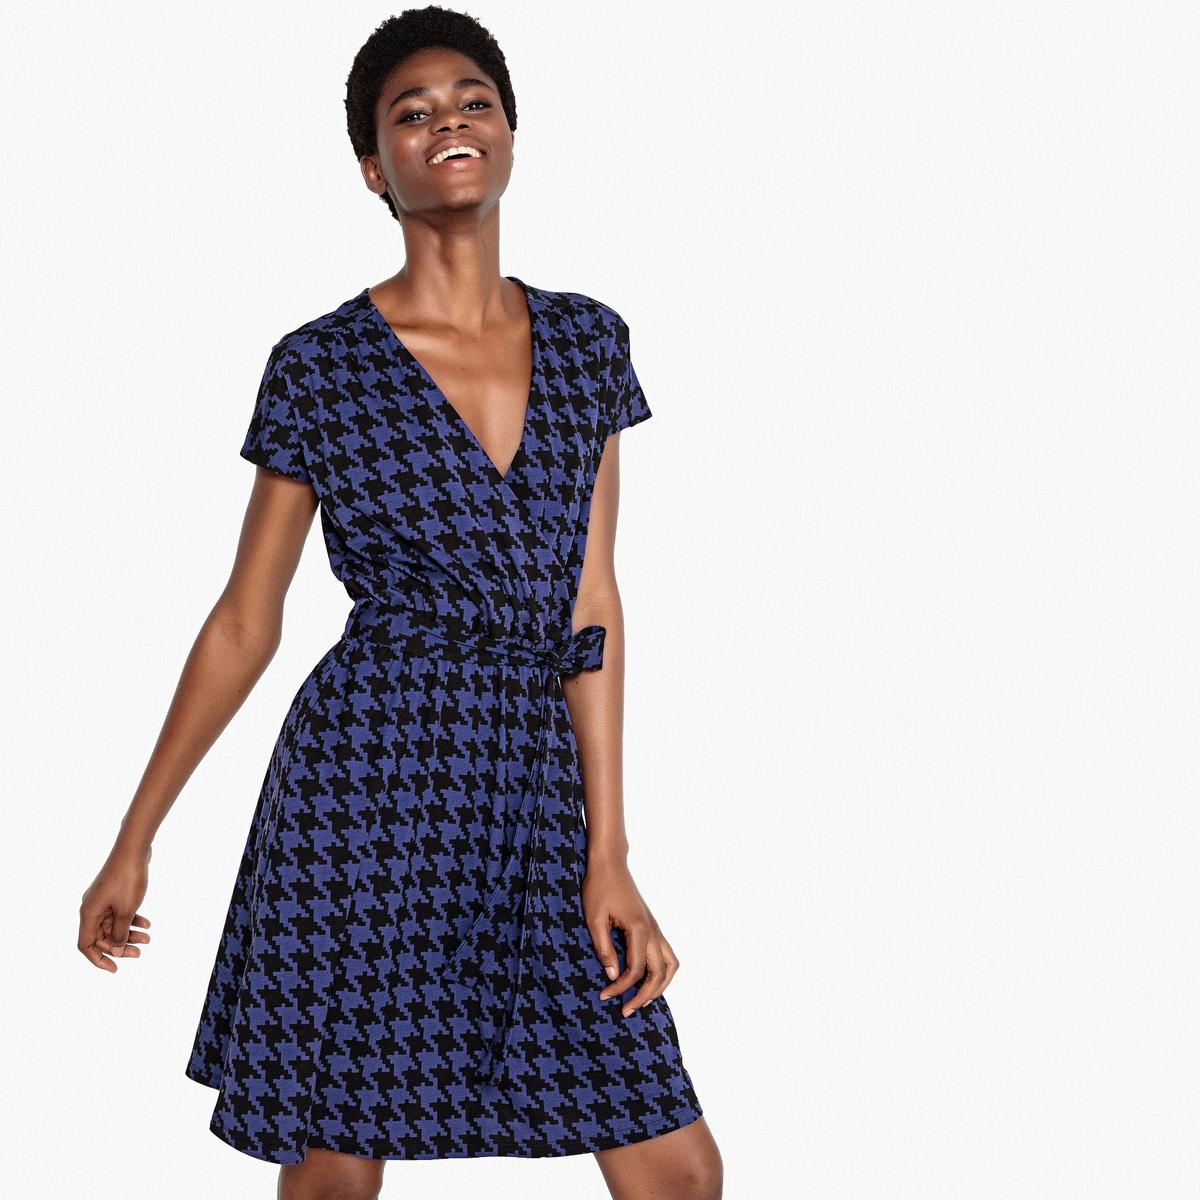 Платье La Redoute С запахом и принтом в ломаную клетку с ремешком XS другие шорты la redoute плавательные с принтом джунгли мес года 18 мес 81 см синий